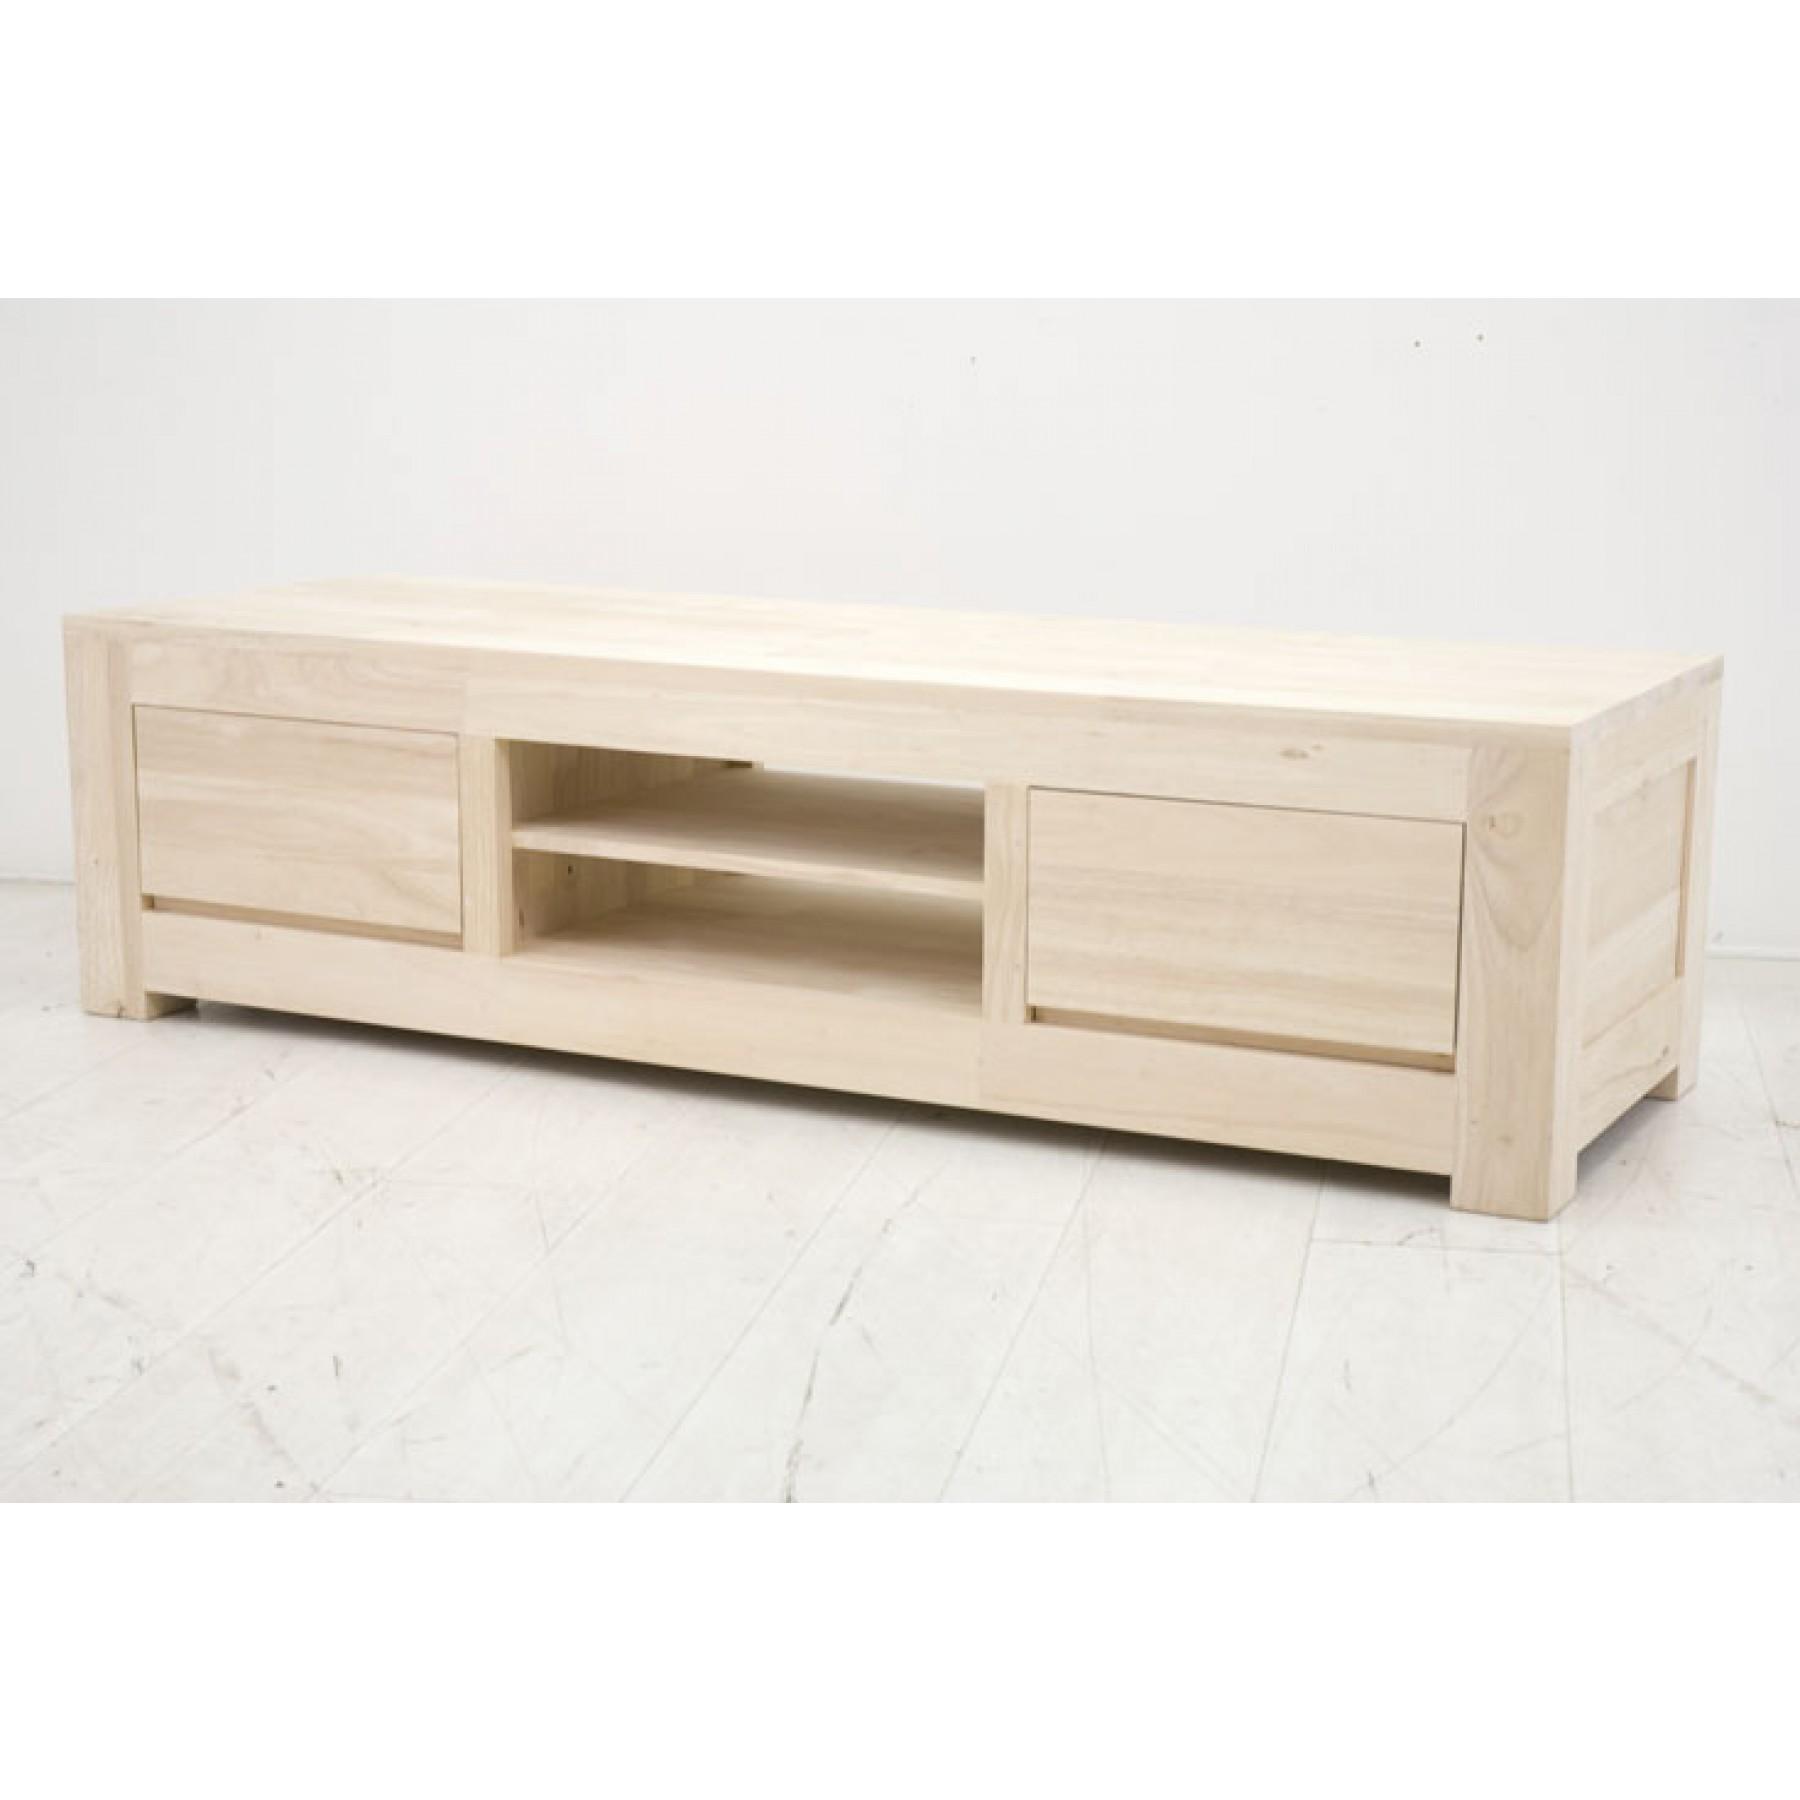 meuble tv bas en bois massif par nomadde meubles design. Black Bedroom Furniture Sets. Home Design Ideas